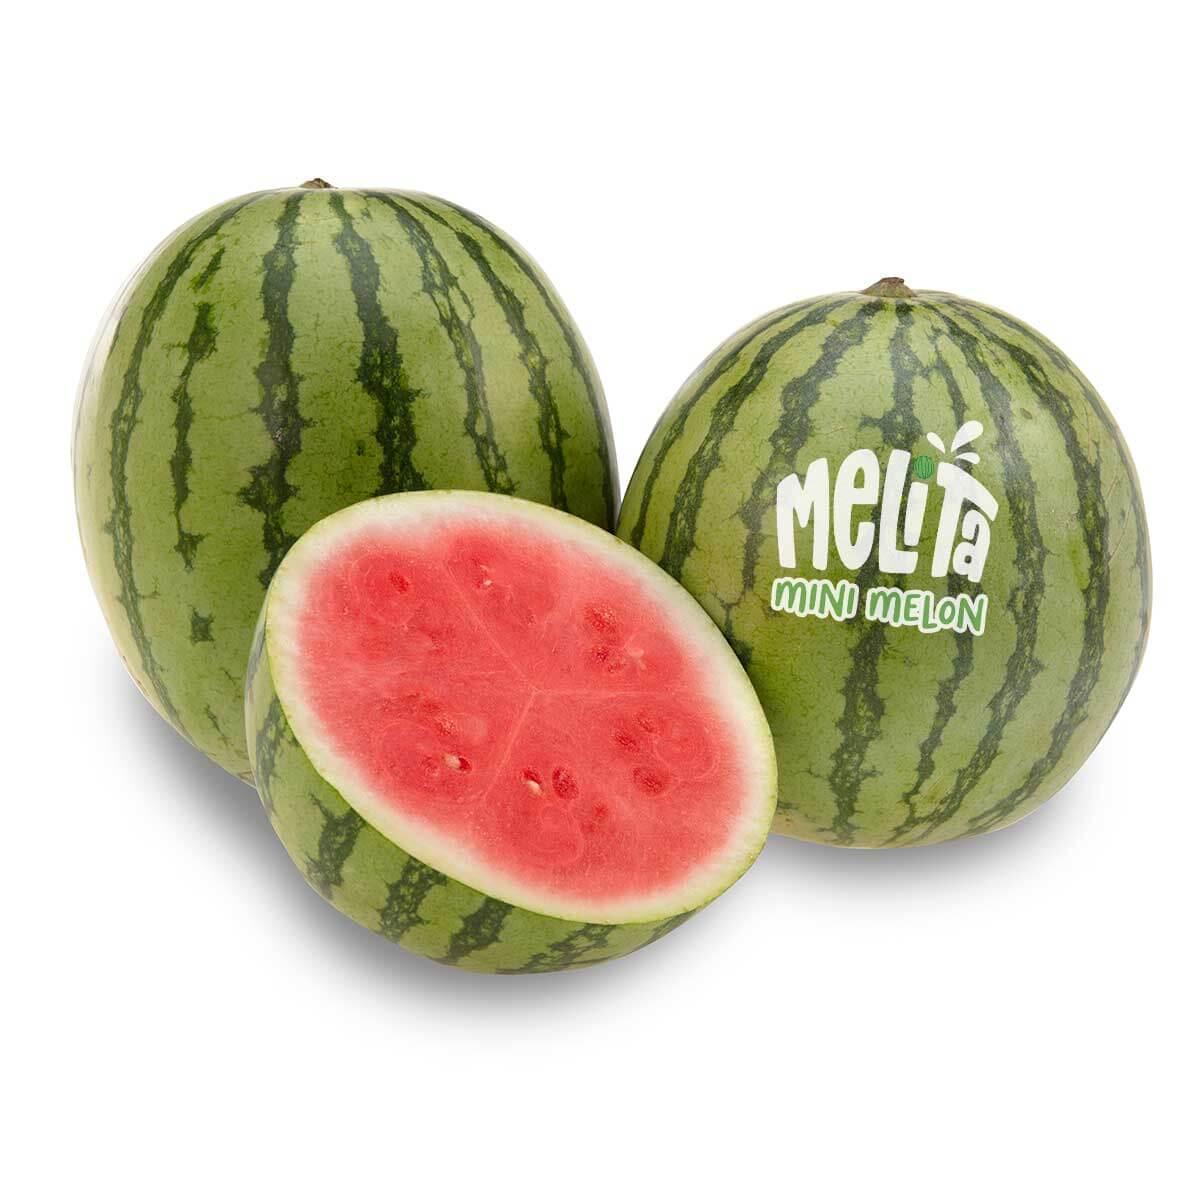 kalfresh-melita-mini-melon